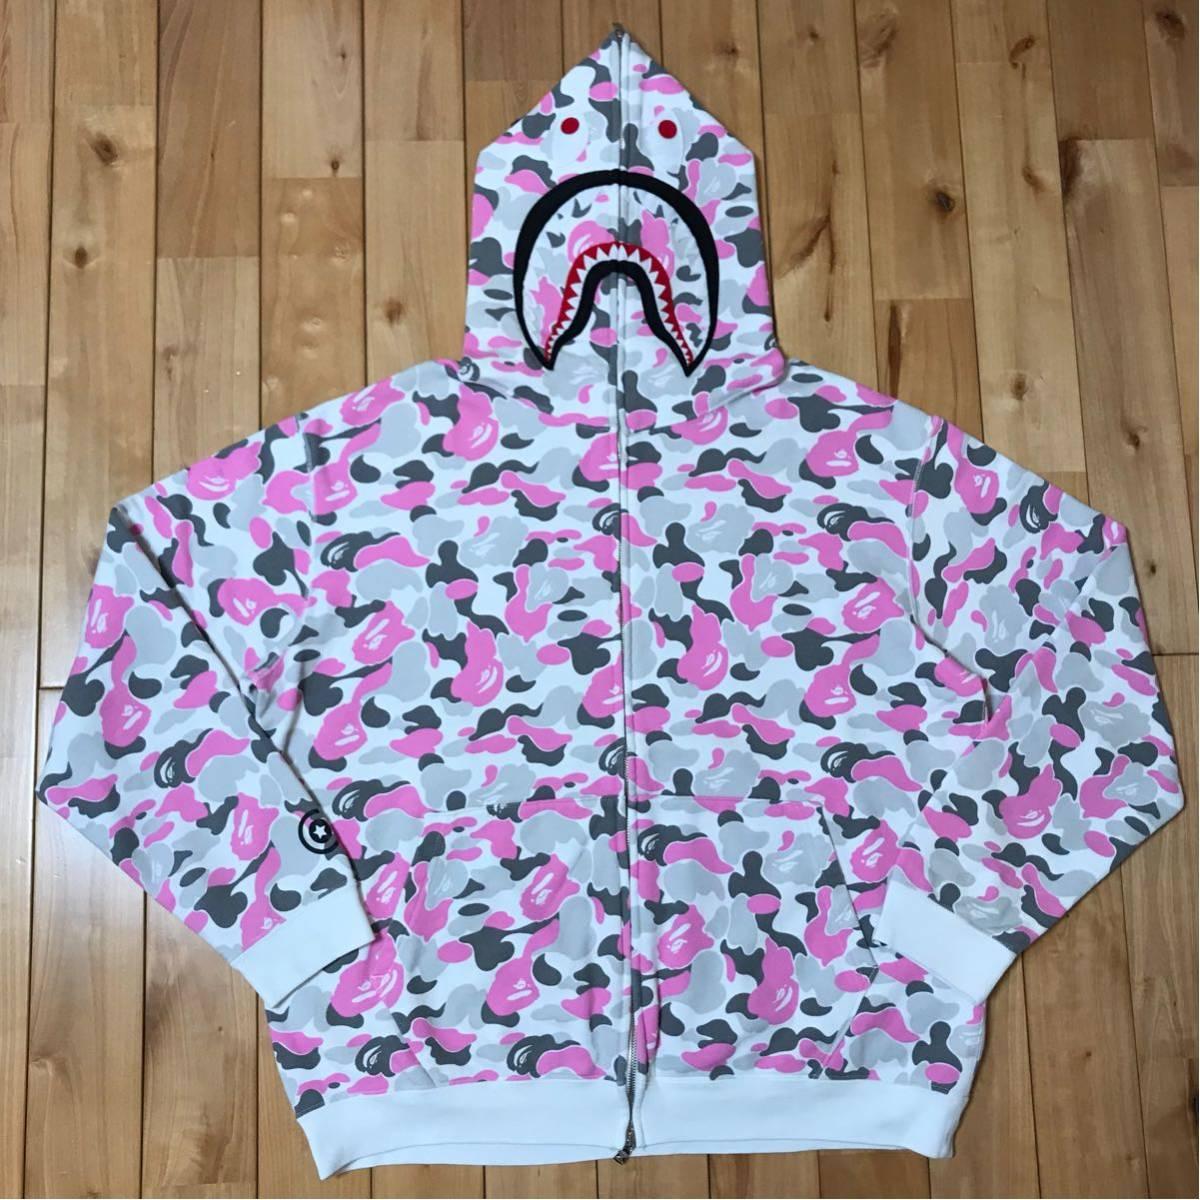 ★金沢限定★ kanazawa limited color camo シャーク パーカー L shark full zip hoodie a bathing ape BAPE エイプ ベイプ 都市限定 city